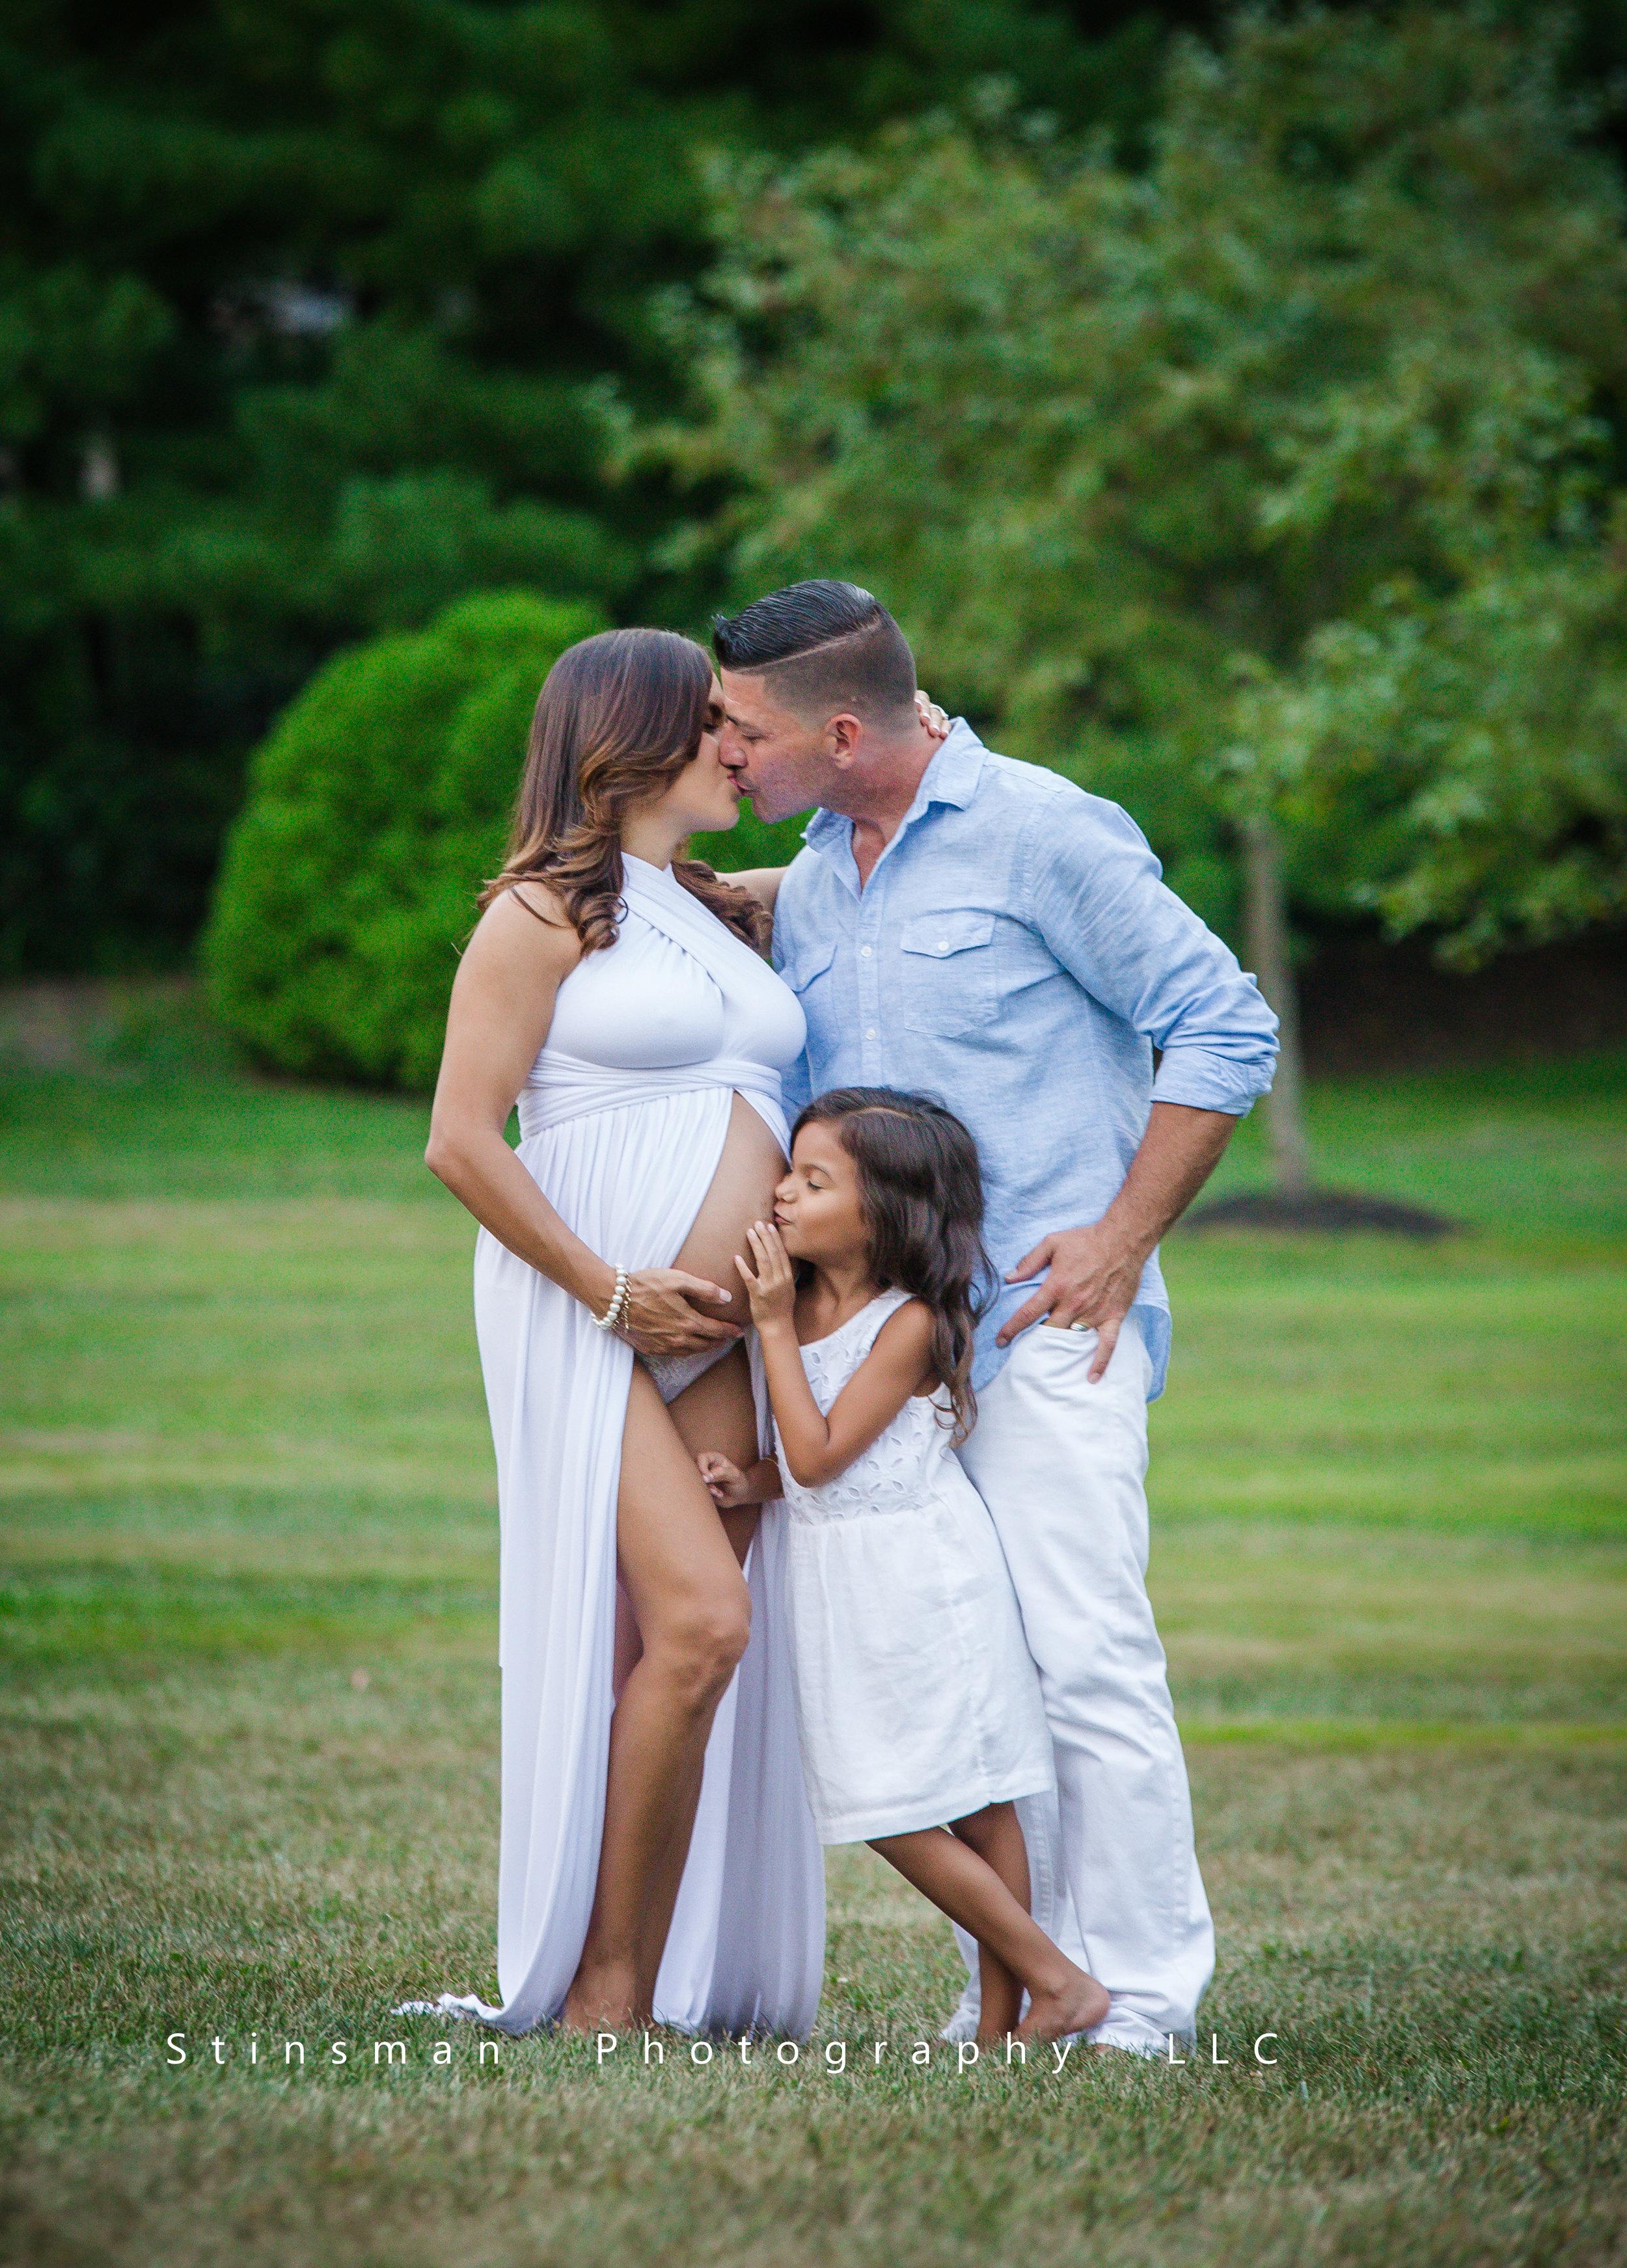 kissing pregnancy photo kissing